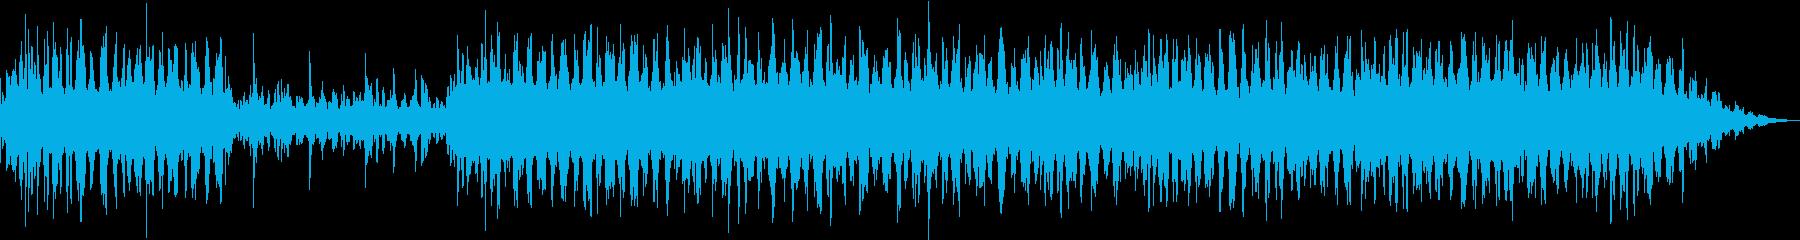 アンビエントなソルフェジオ周波数音楽の再生済みの波形